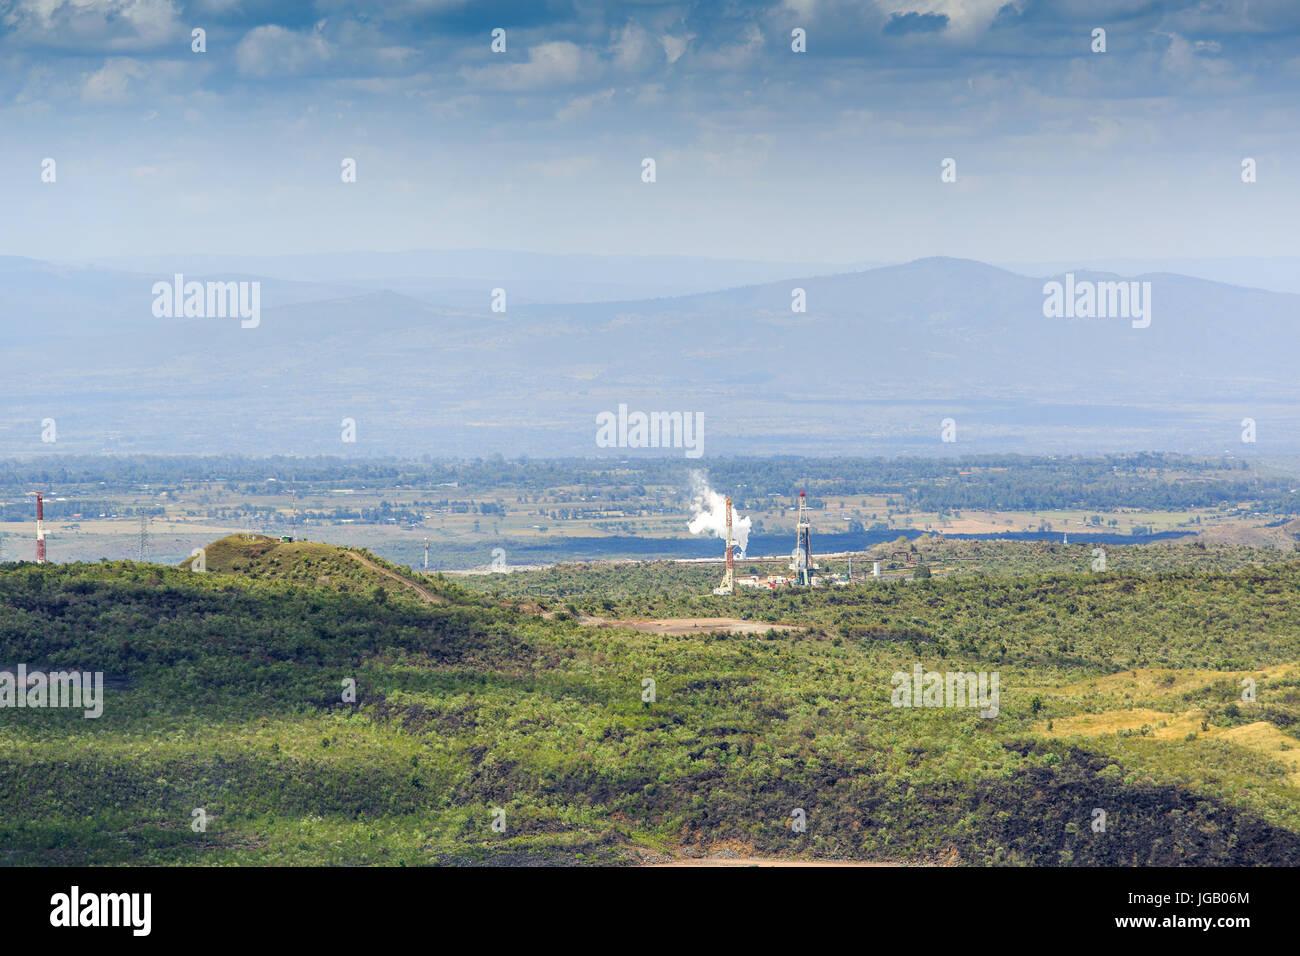 Geothermal Heat Pump Stock Photos Power Plant Block Diagram In Menengai Crater Nakuru Kenya East Africa Image